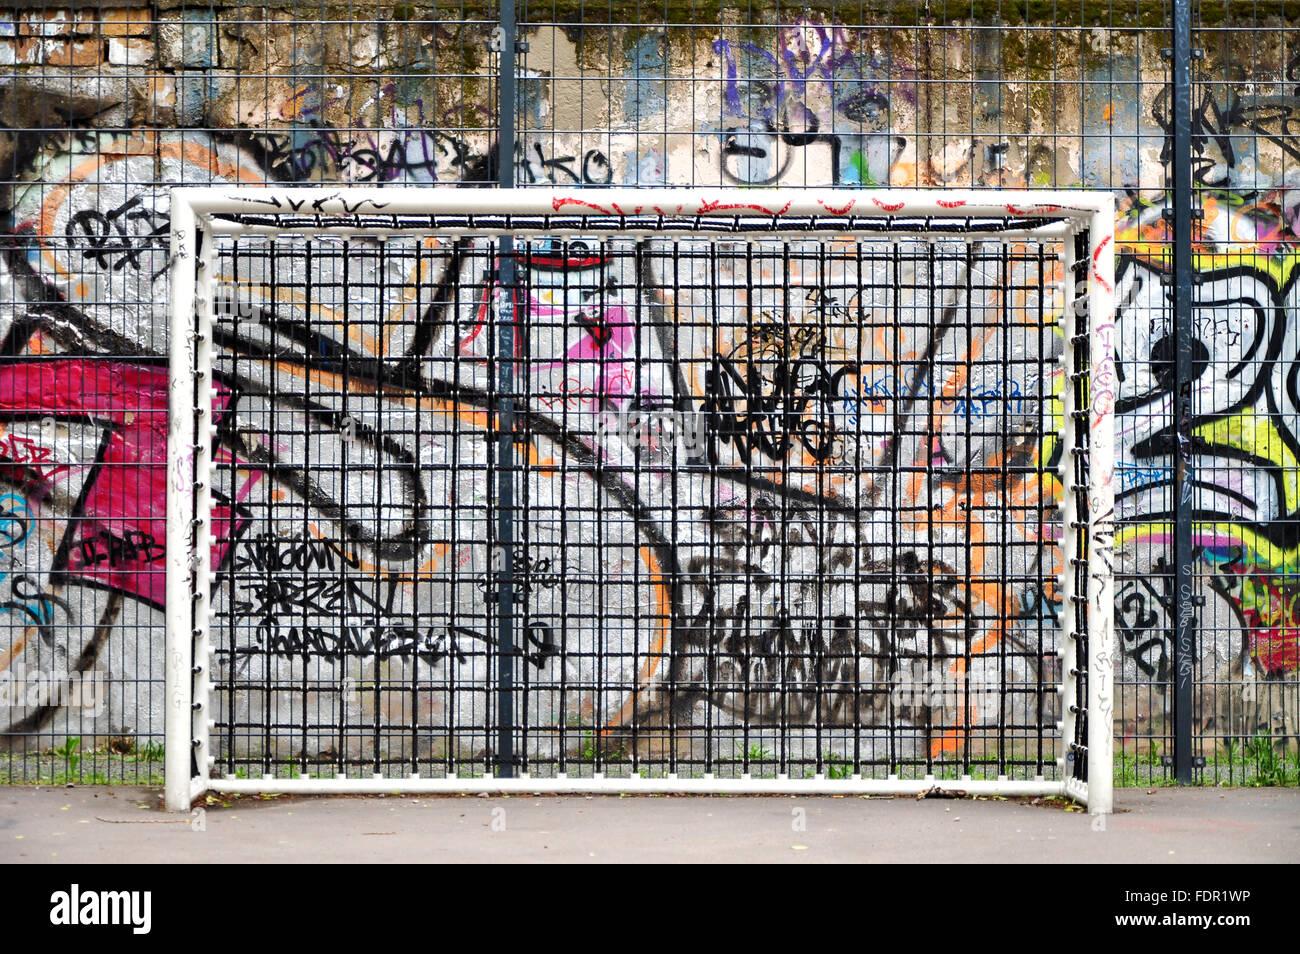 La vita urbana,cultura giovanile,sport place,obiettivo Immagini Stock